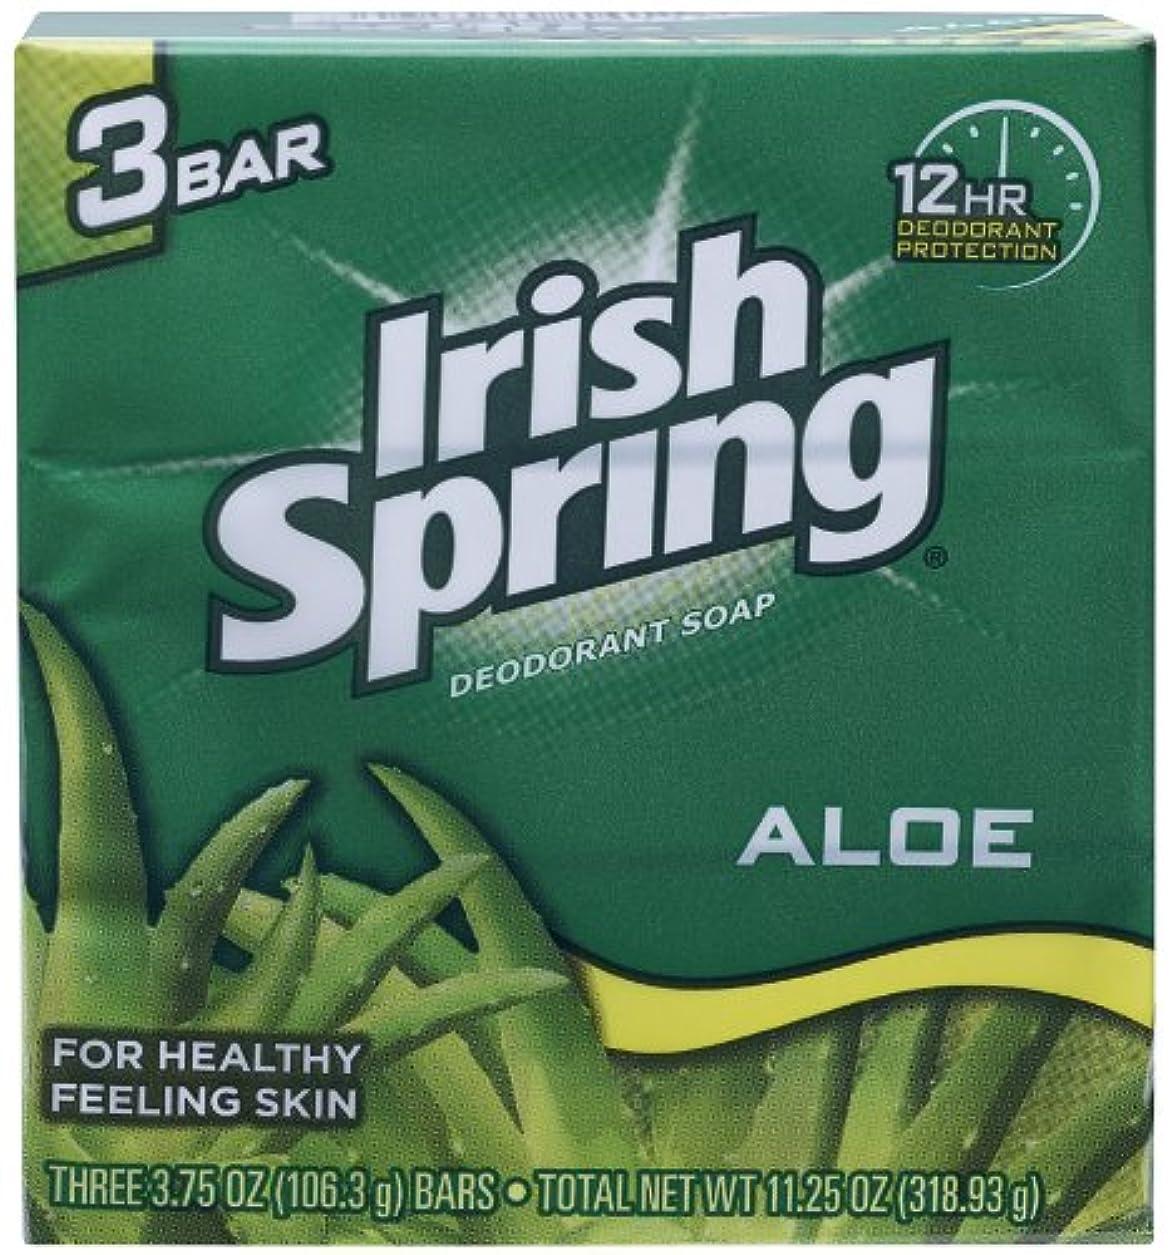 ギャラリー列挙する服Irish Spring (IRIAL) ユニセックスのためにアロエデオドラントソープすることにより、3カウント